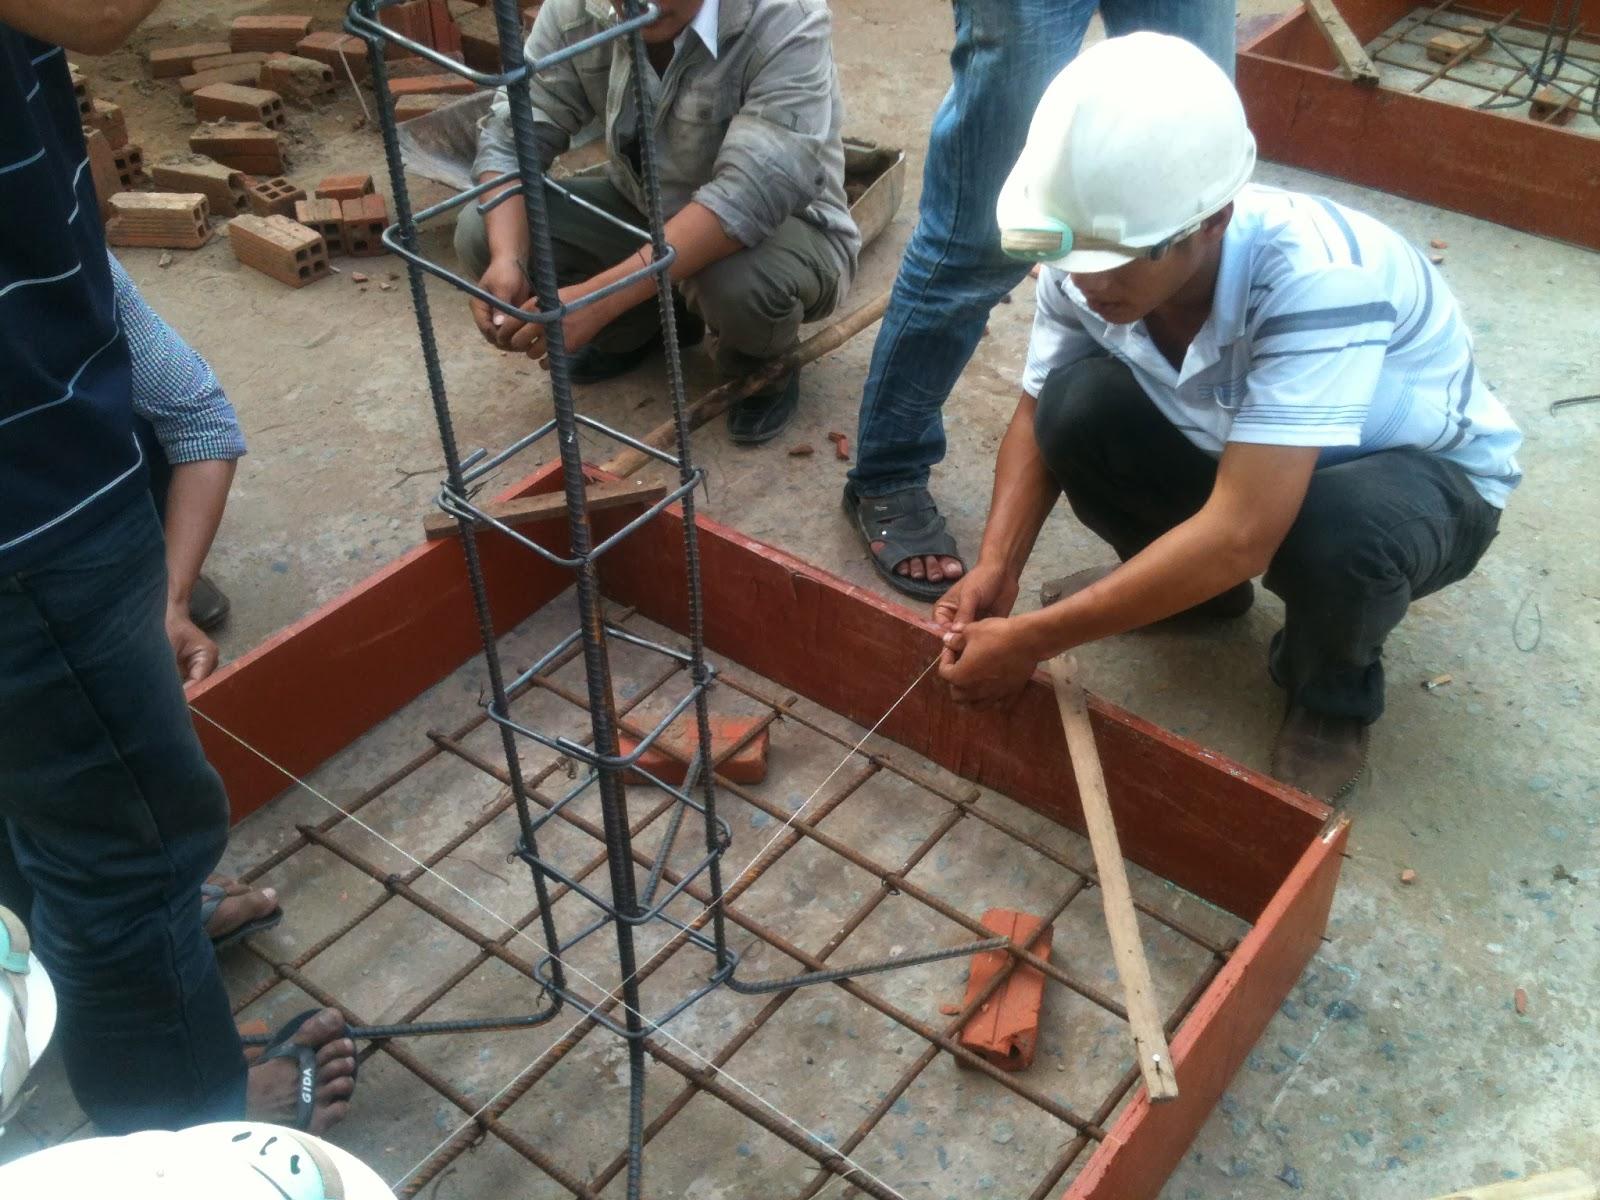 đào tạo ngành xây dựng đi xklđ nhật bản